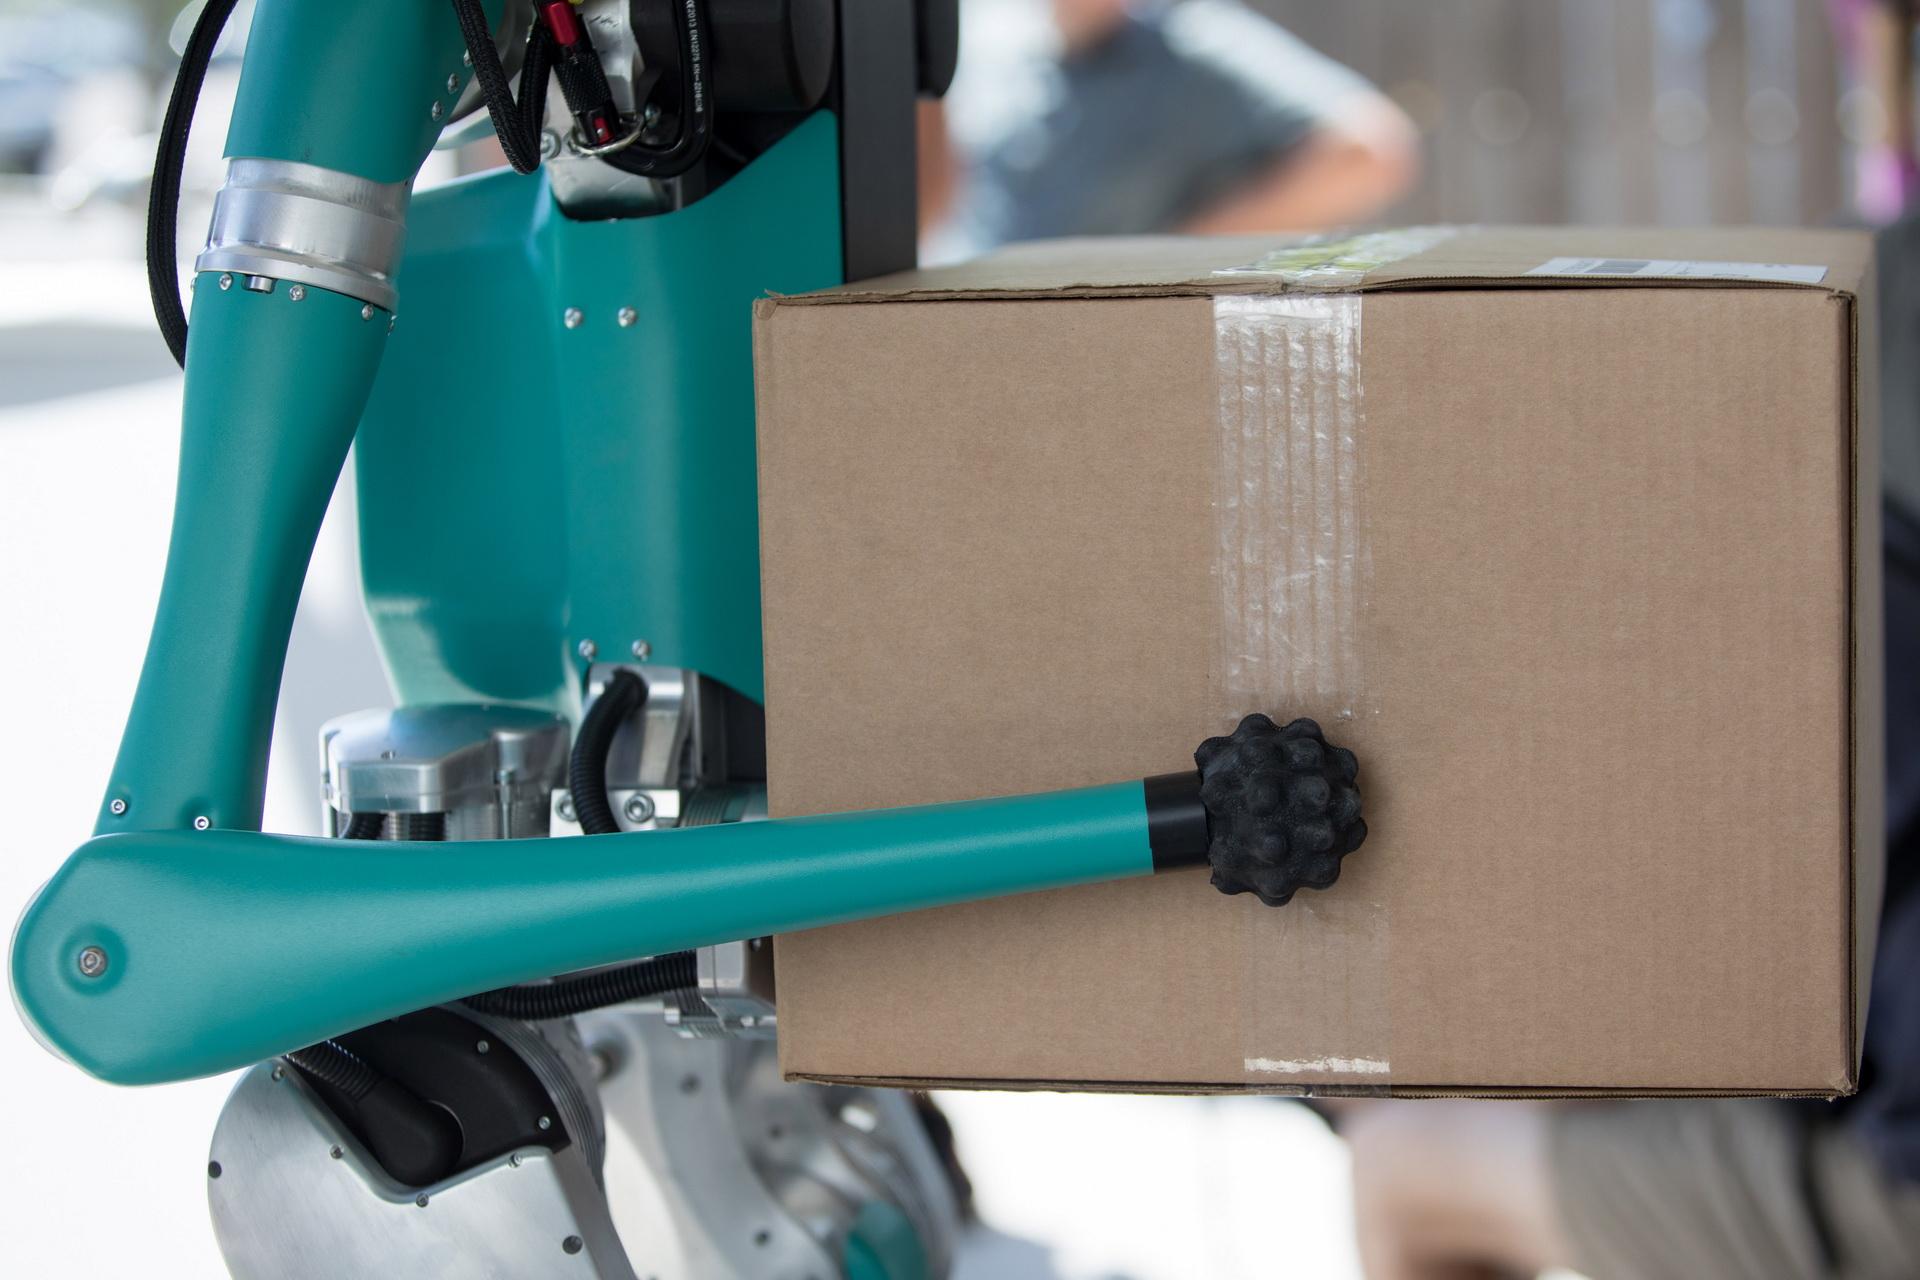 Ford phát triển Digit robot giao hàng tự động đến tận cửa - 8